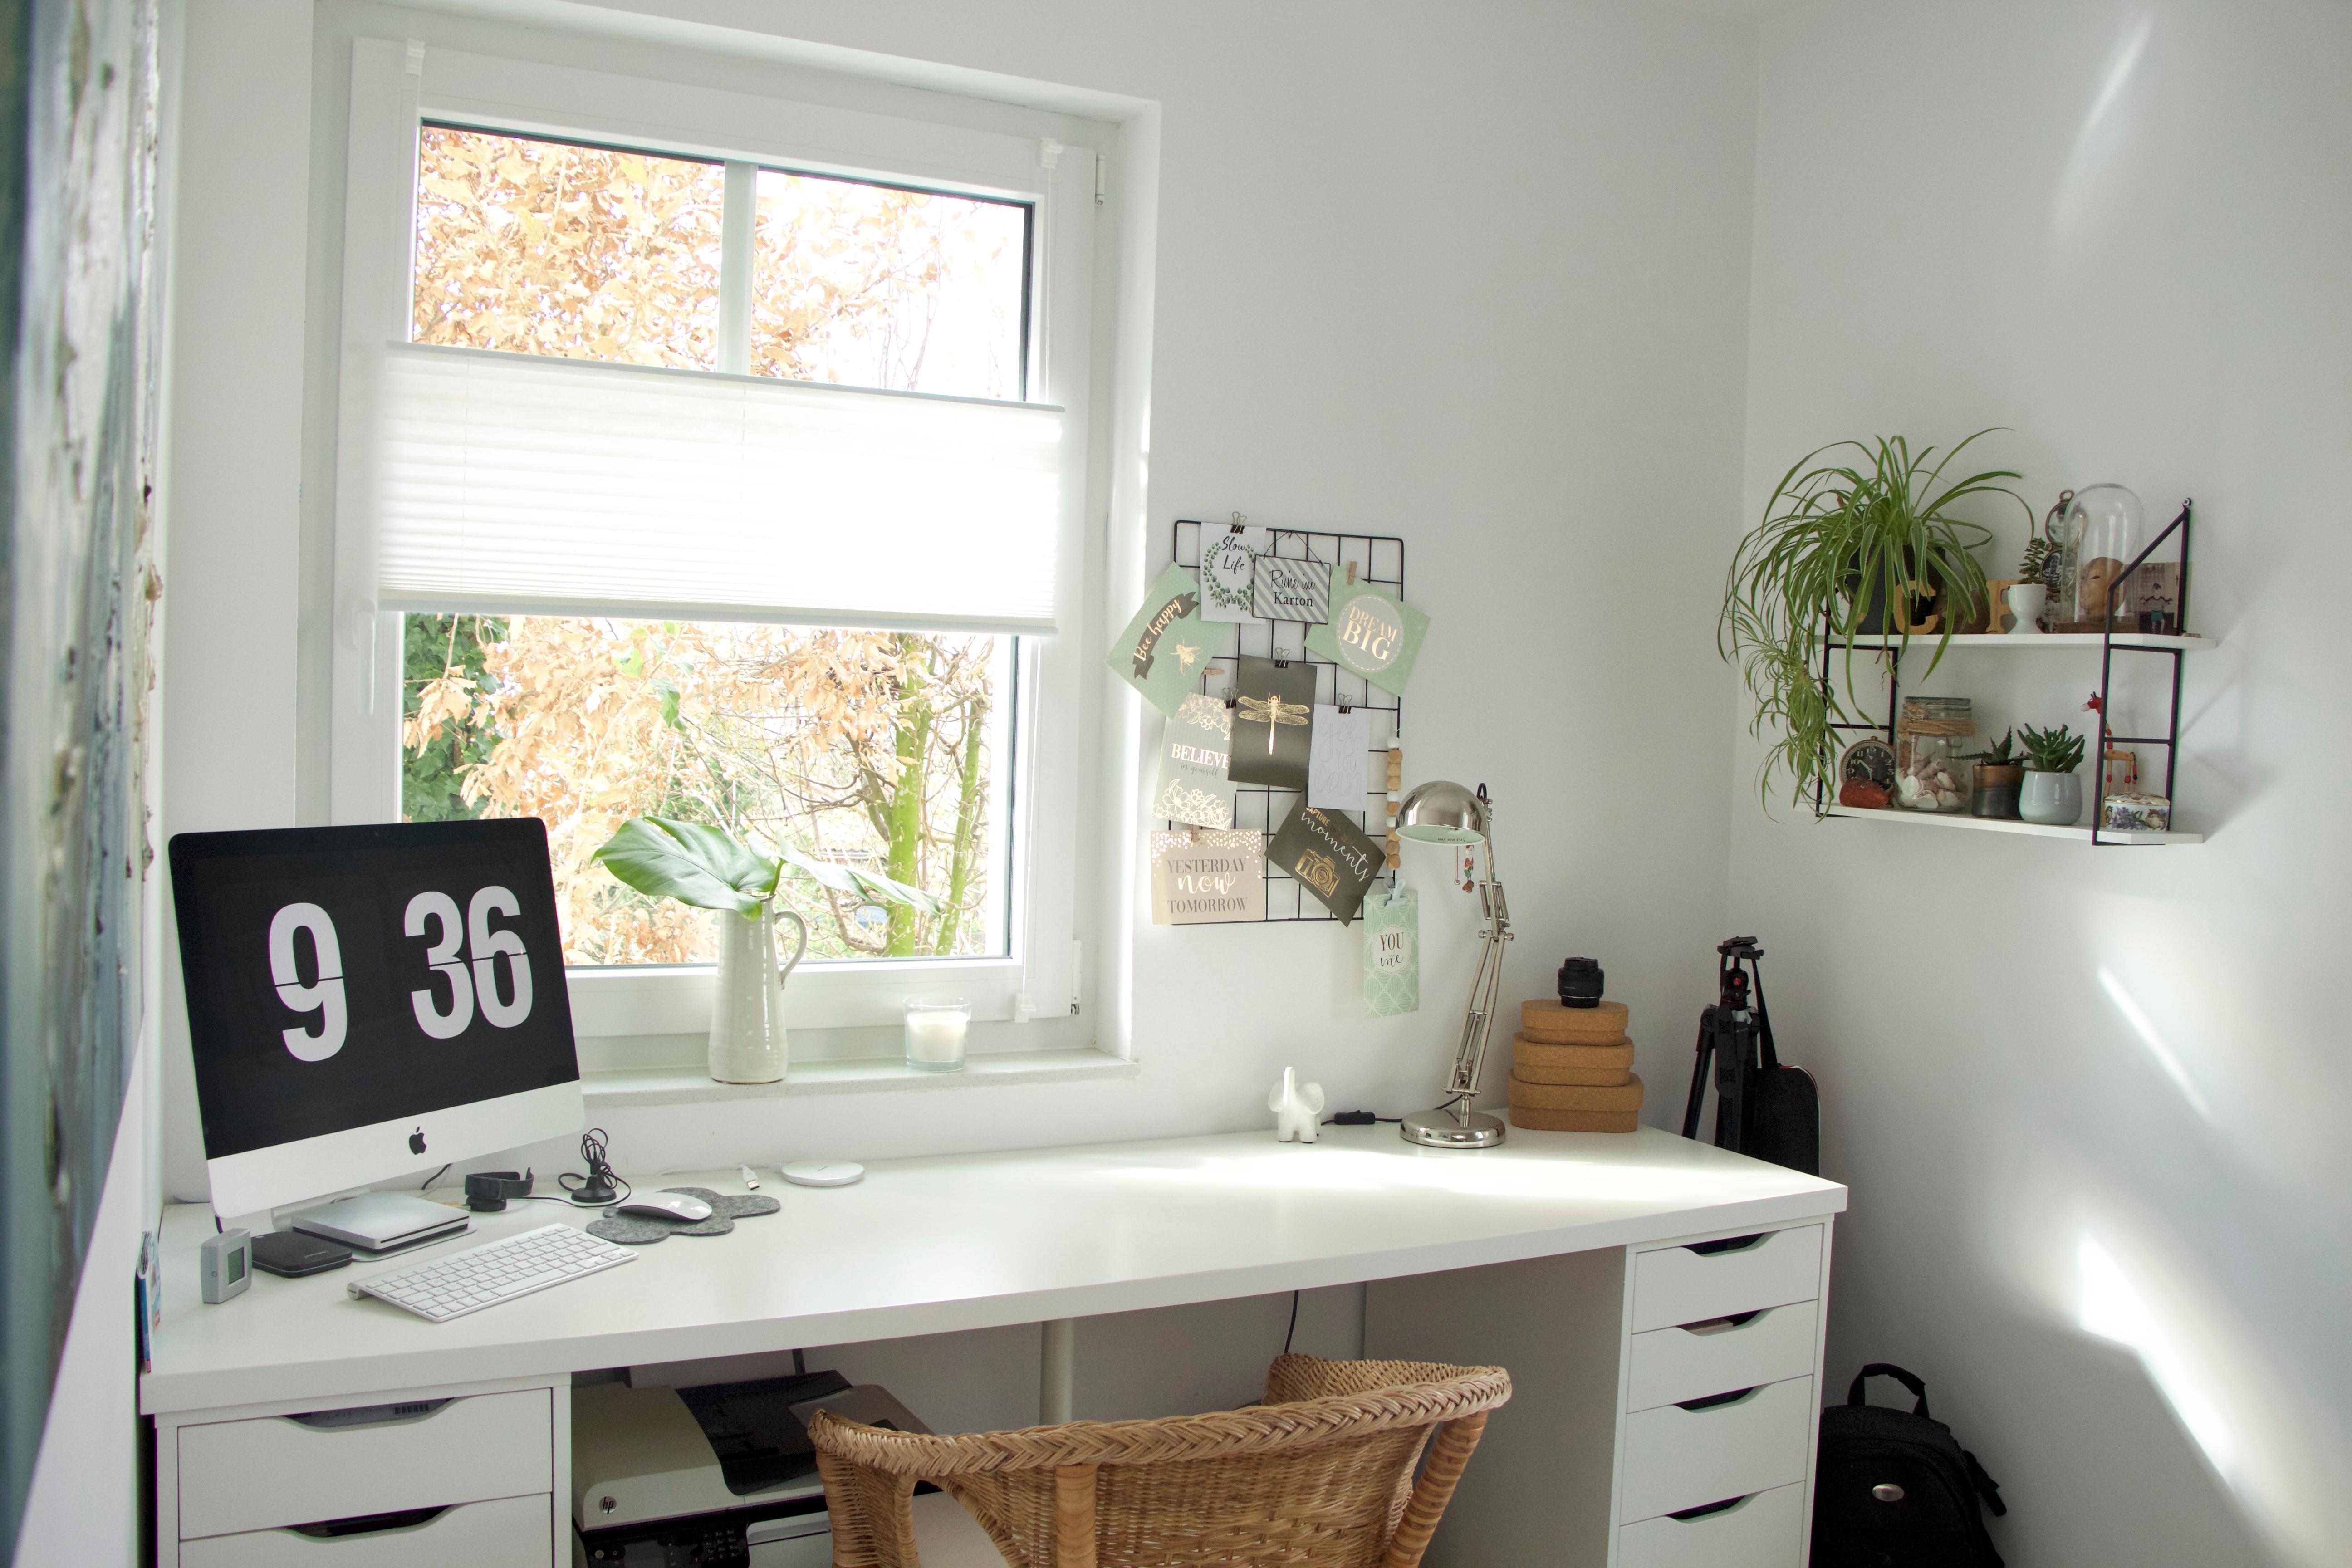 Wohnzimmer Arbeitsplatz • Bilder & Ideen • COUCH